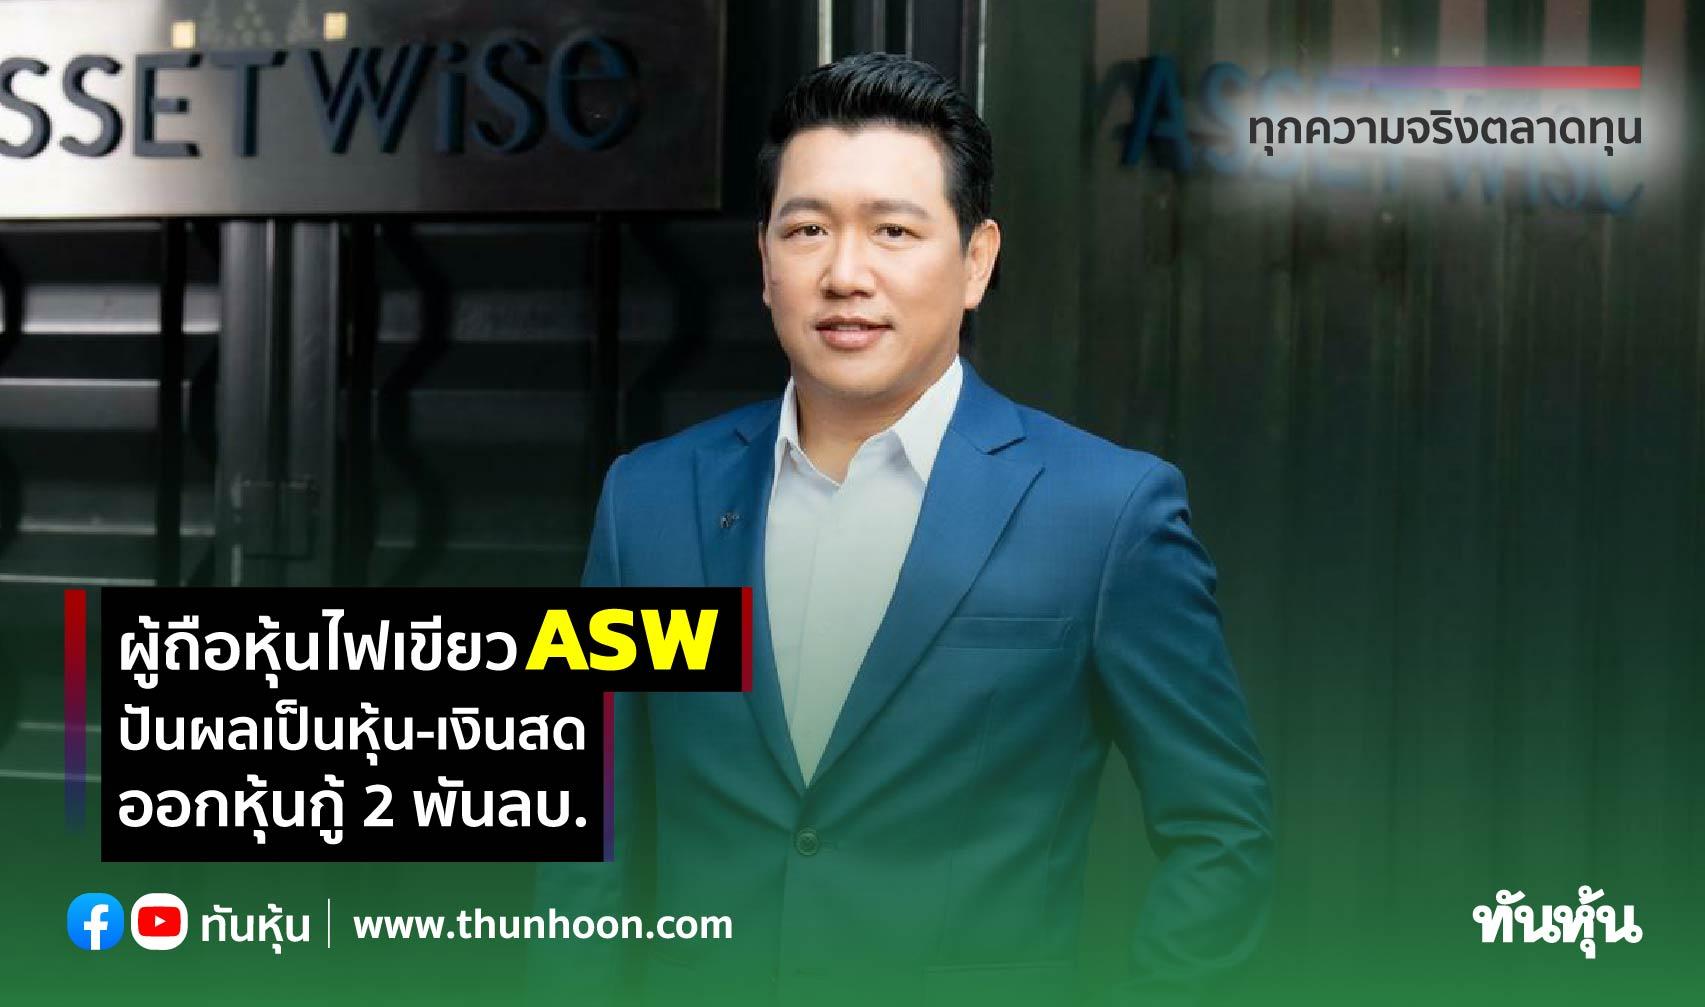 ผู้ถือหุ้นไฟเขียว ASW ปันผลเป็นหุ้น-เงินสด, ออกหุ้นกู้ 2 พันลบ.